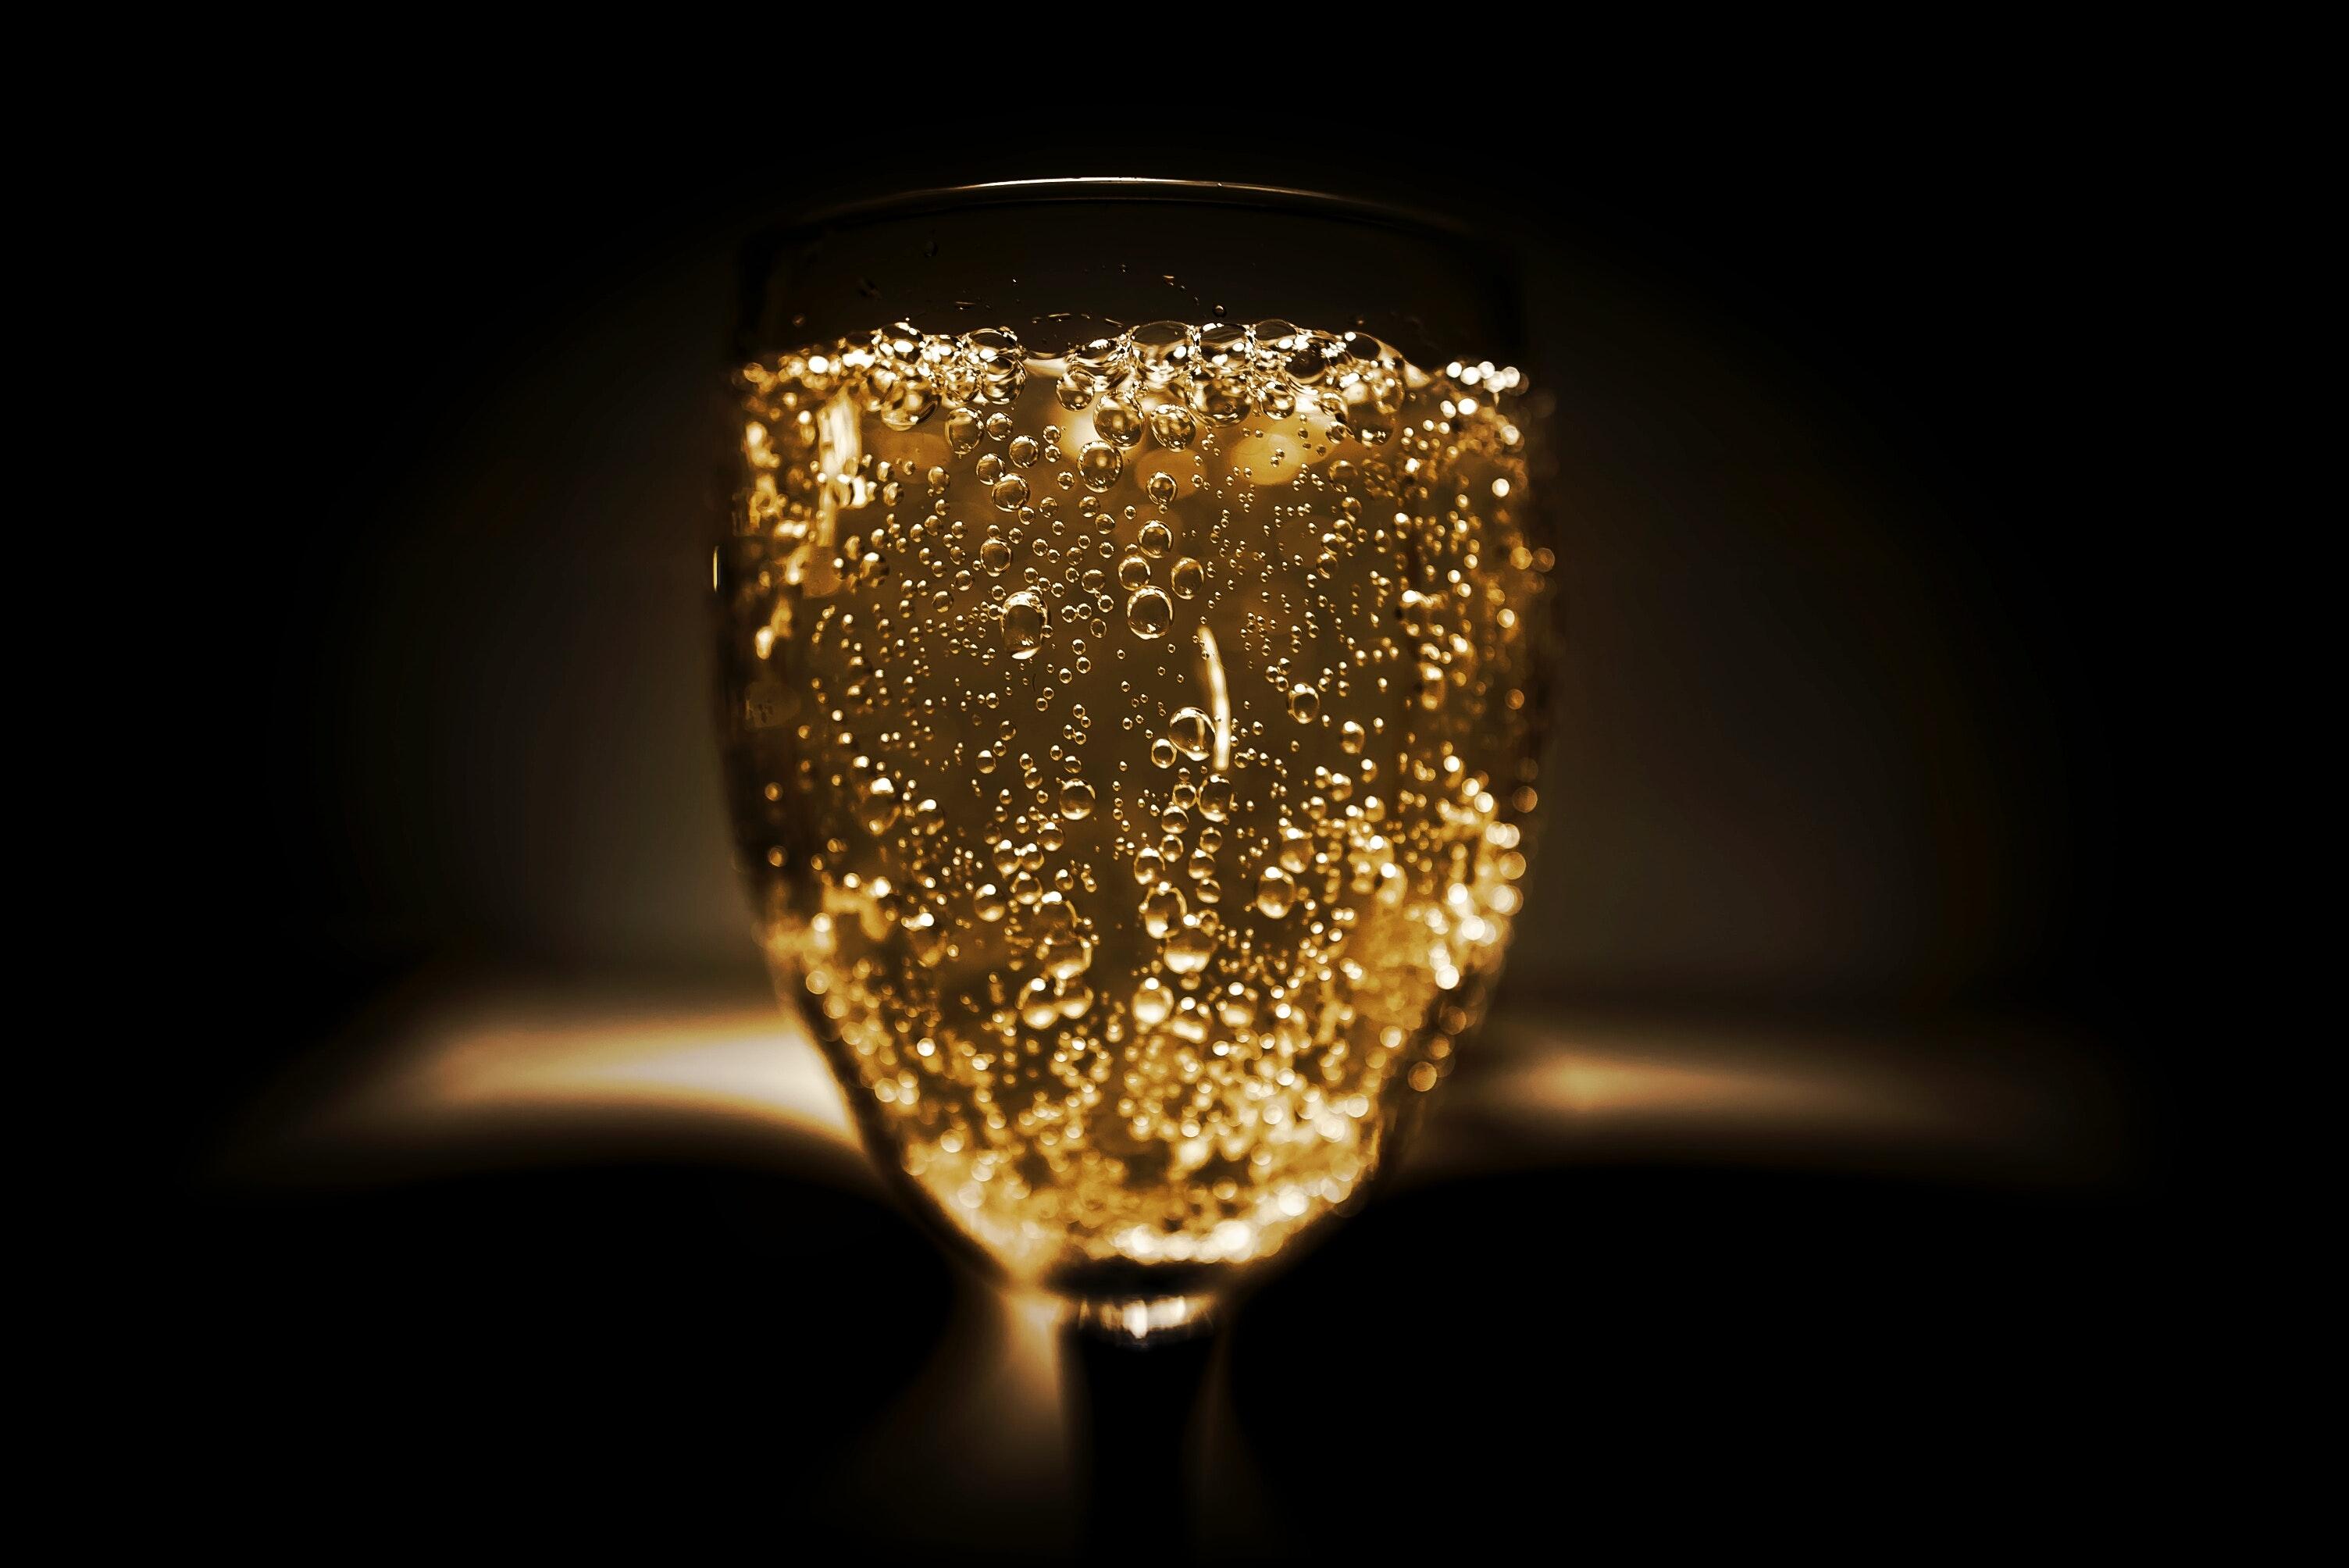 De juiste serveertemperatuur voor wijn